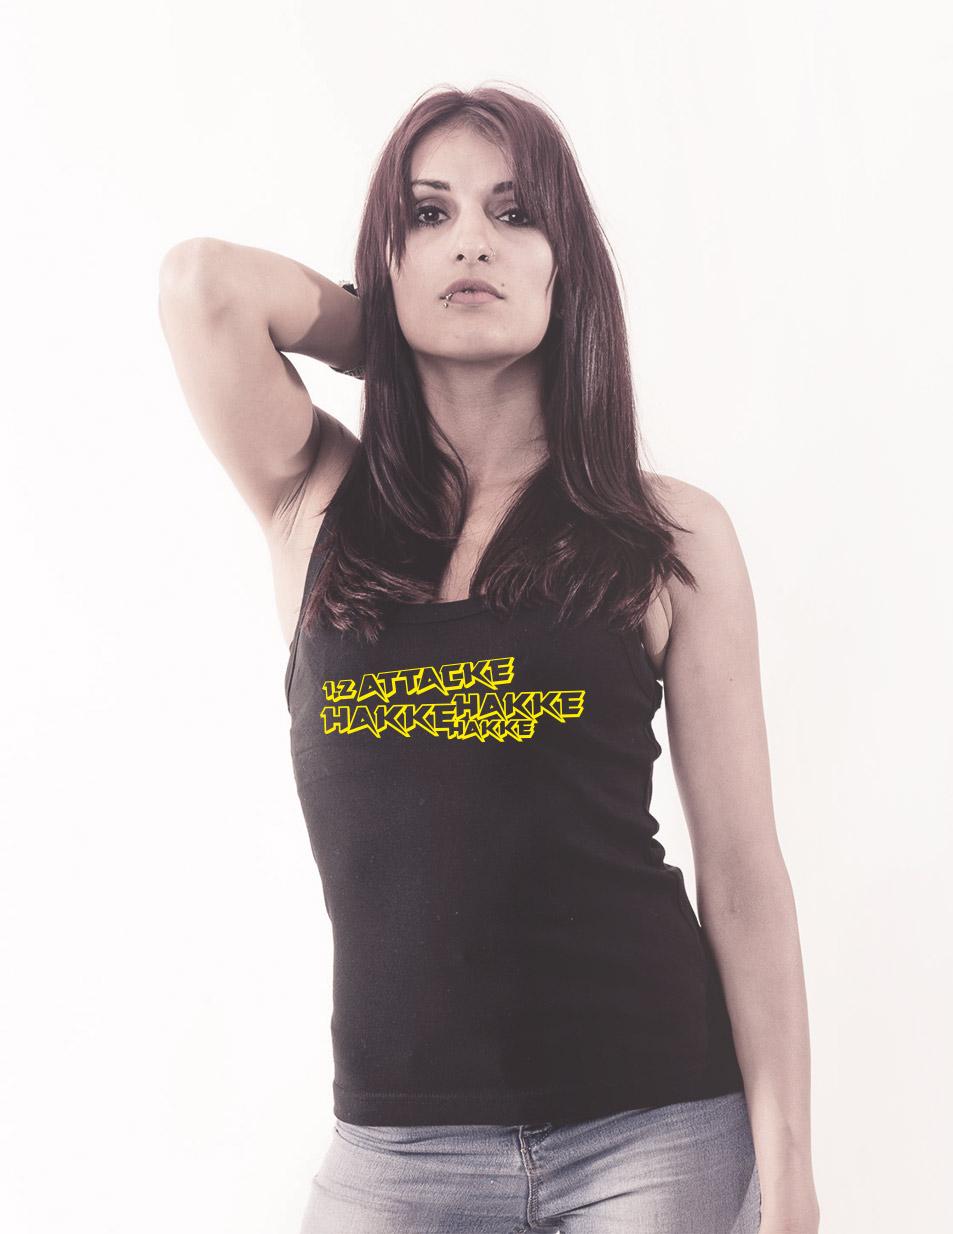 Hakke Hakke Hakke Girly Tank-Top mehrfarbig auf schwarz